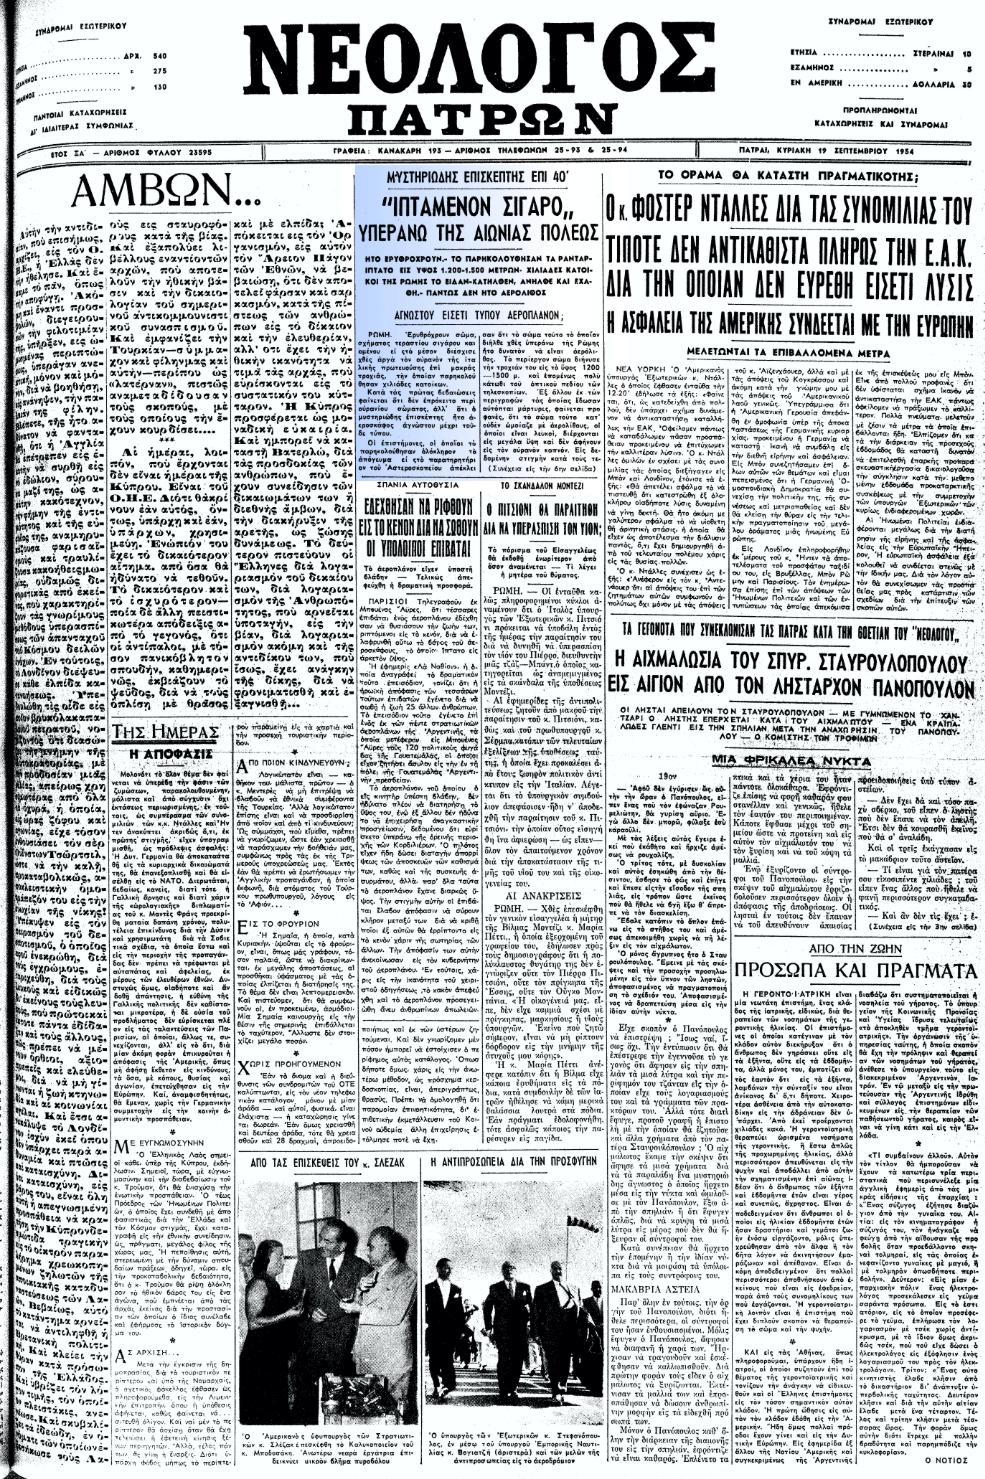 """Το άρθρο, όπως δημοσιεύθηκε στην εφημερίδα """"ΝΕΟΛΟΓΟΣ ΠΑΤΡΩΝ"""", στις 19/09/1954"""